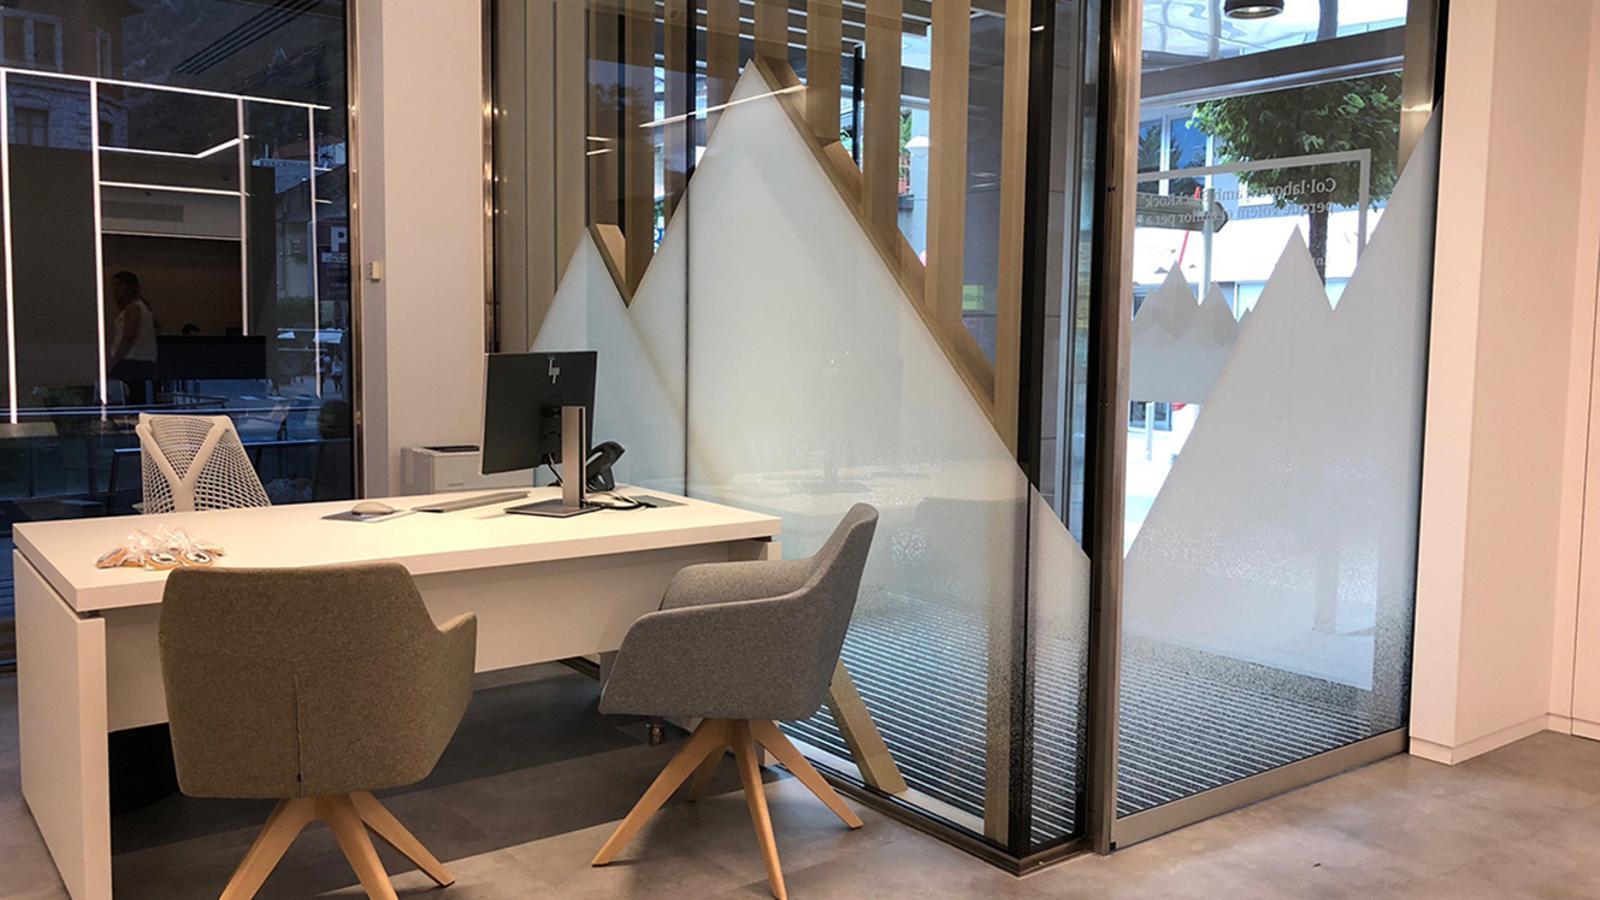 Interior d'una oficina de Vall Banc. / VALL BANC